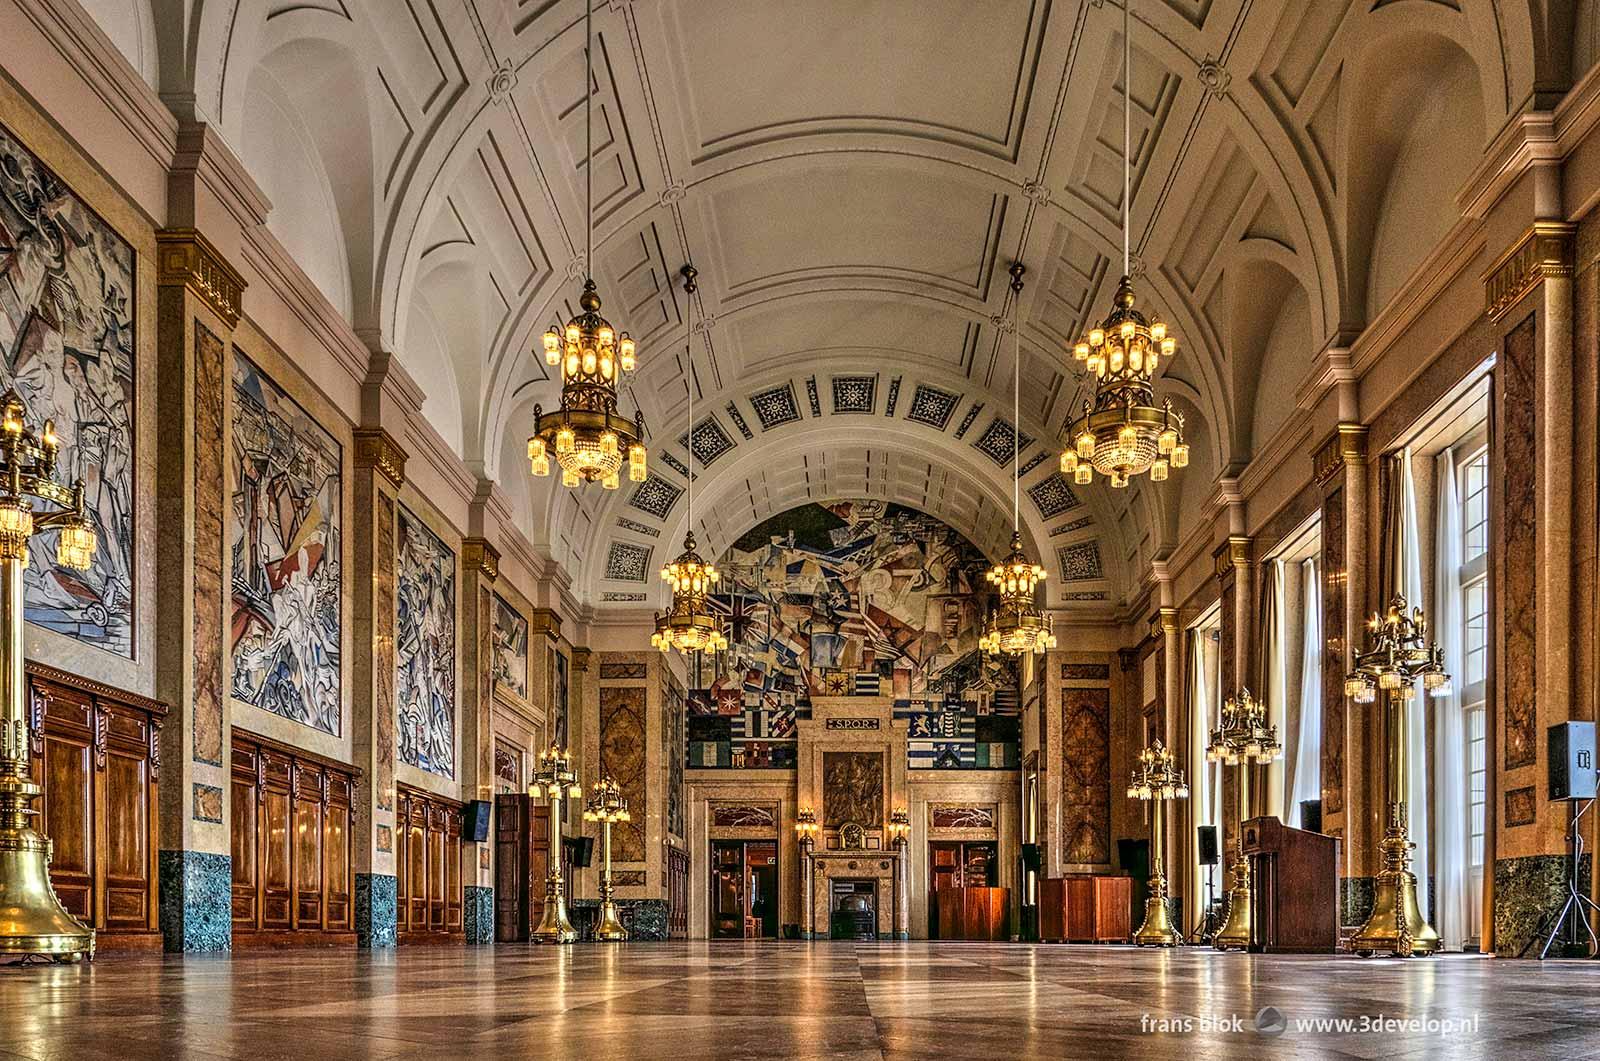 De Burgerzaal in het Stadhuis van Rotterdam, bekend van o.a. de huldigingen van Feyenoord.